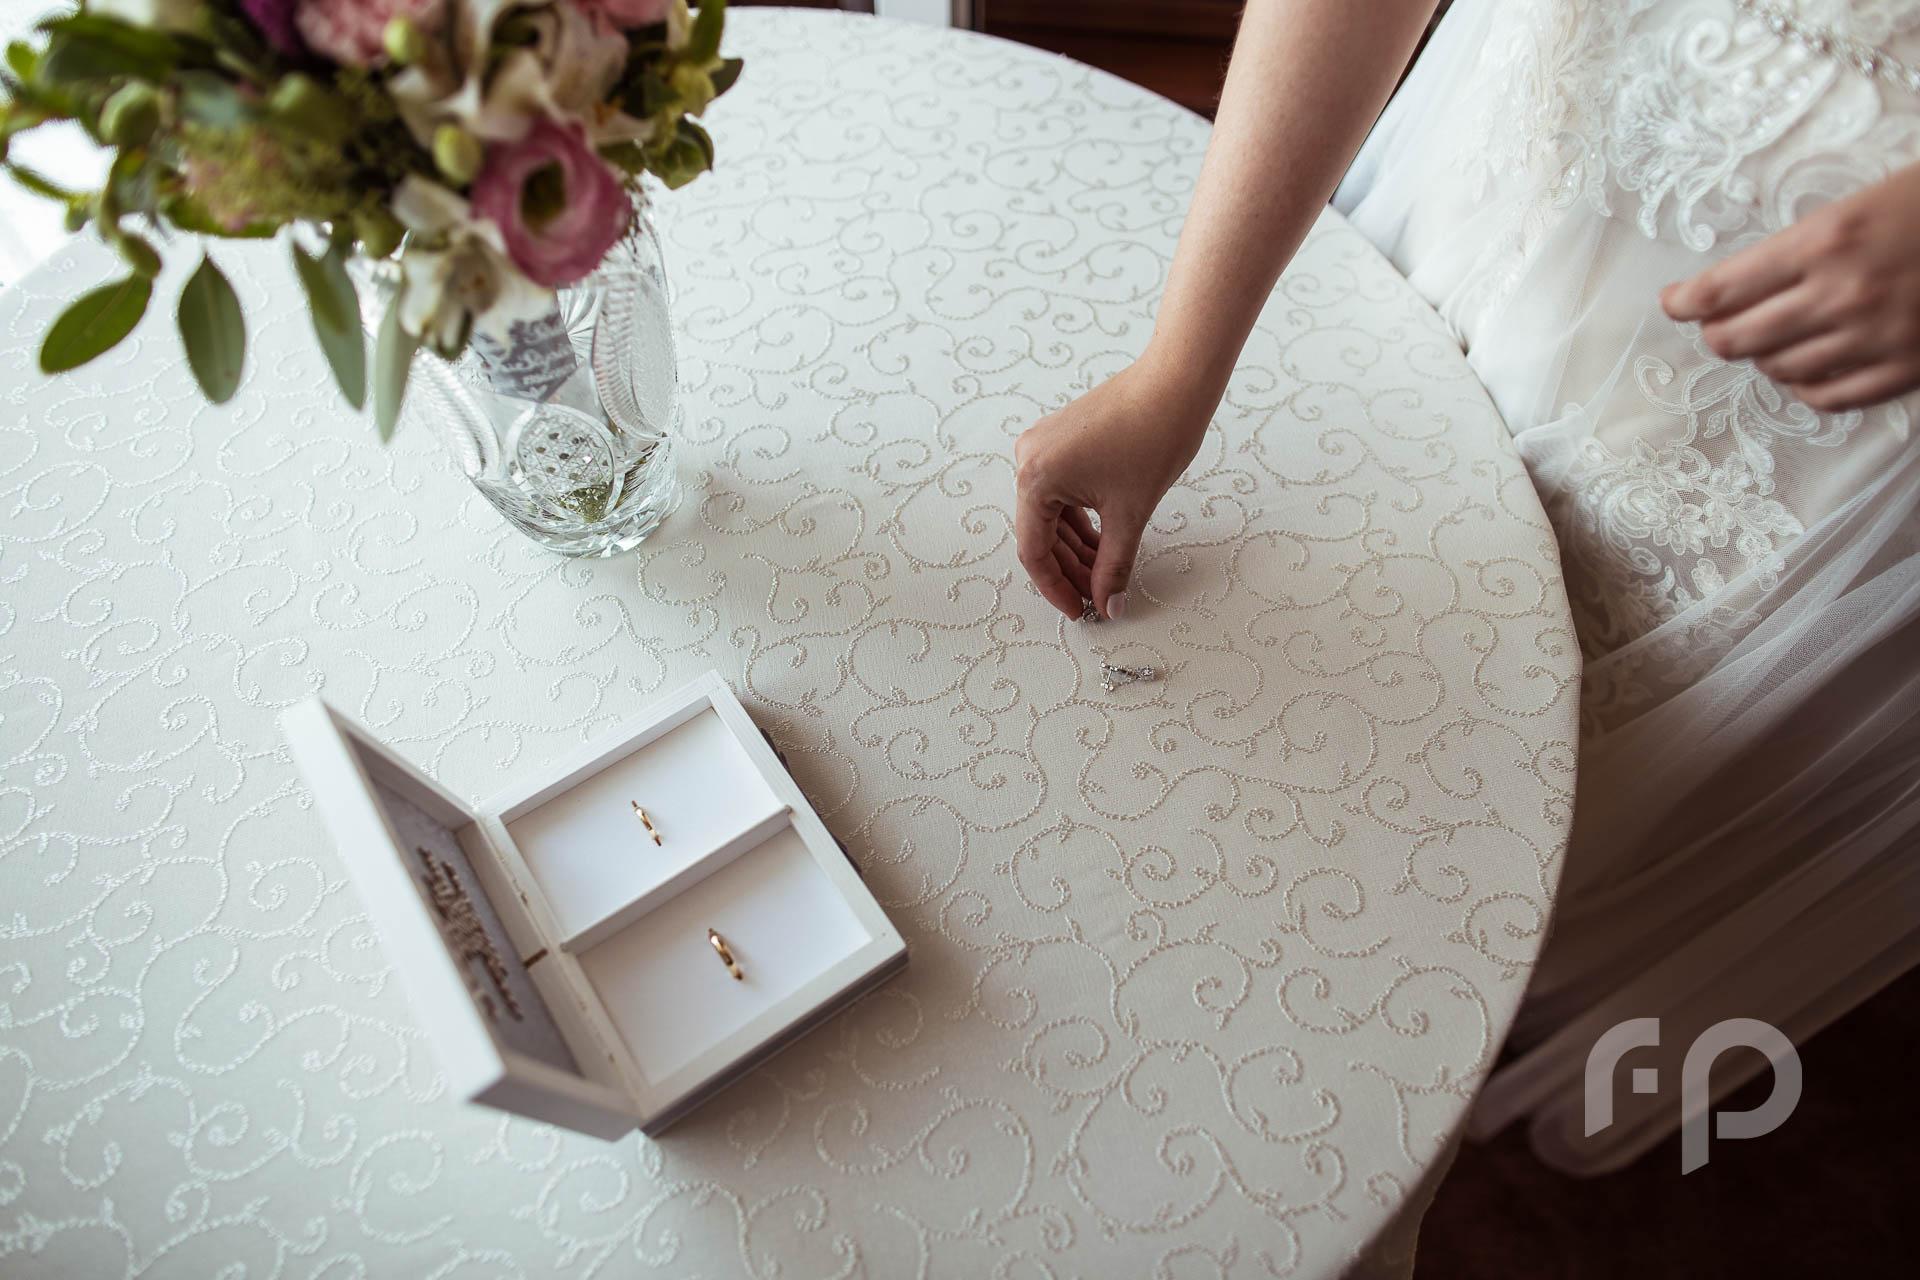 przygotowania do ślubu co po kolei